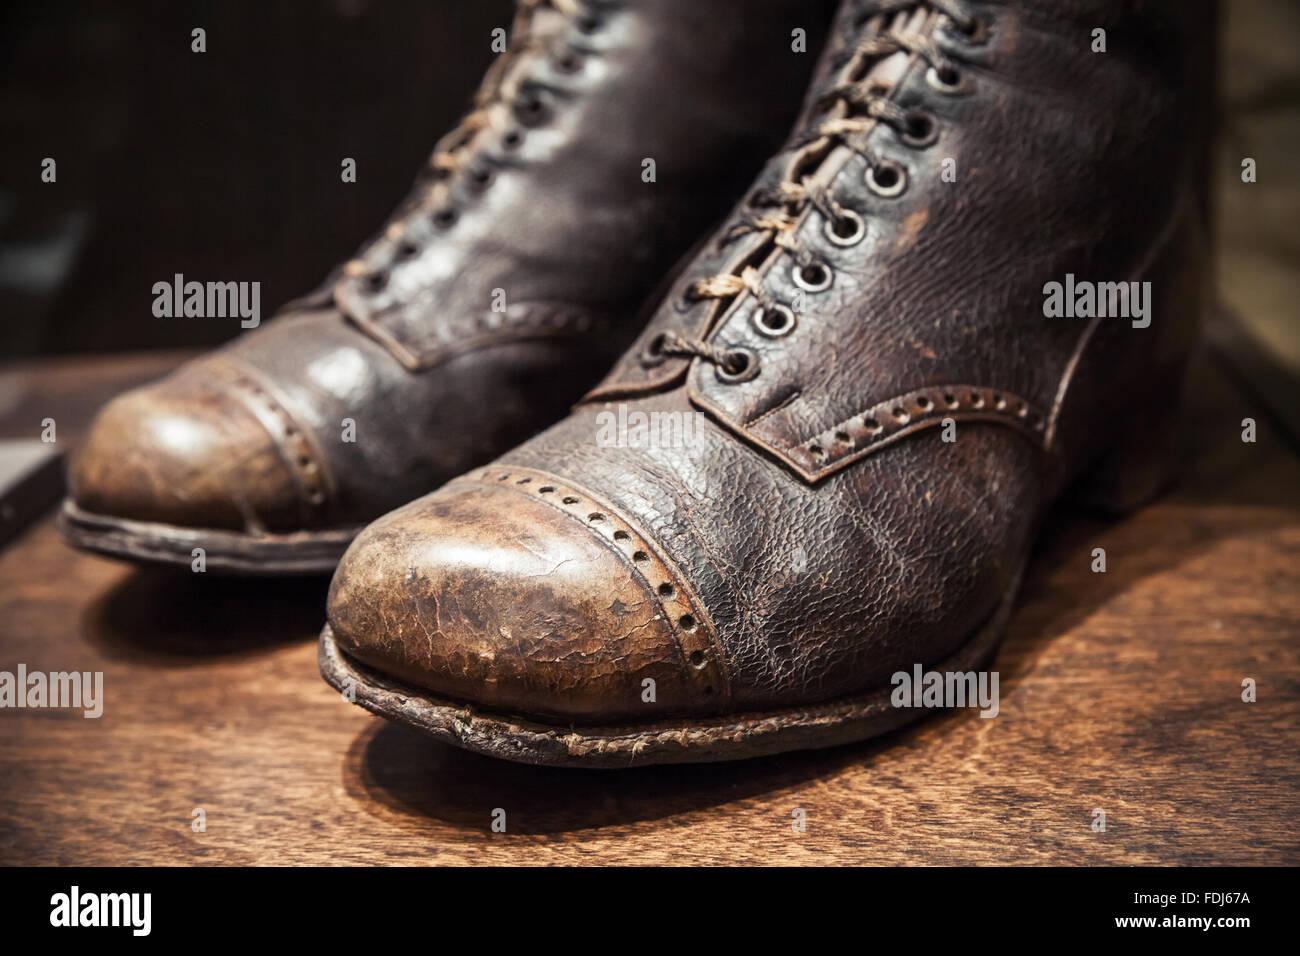 new style 315fa 64736 Vecchie scarpe usate realizzata in vera pelle, vicino la ...